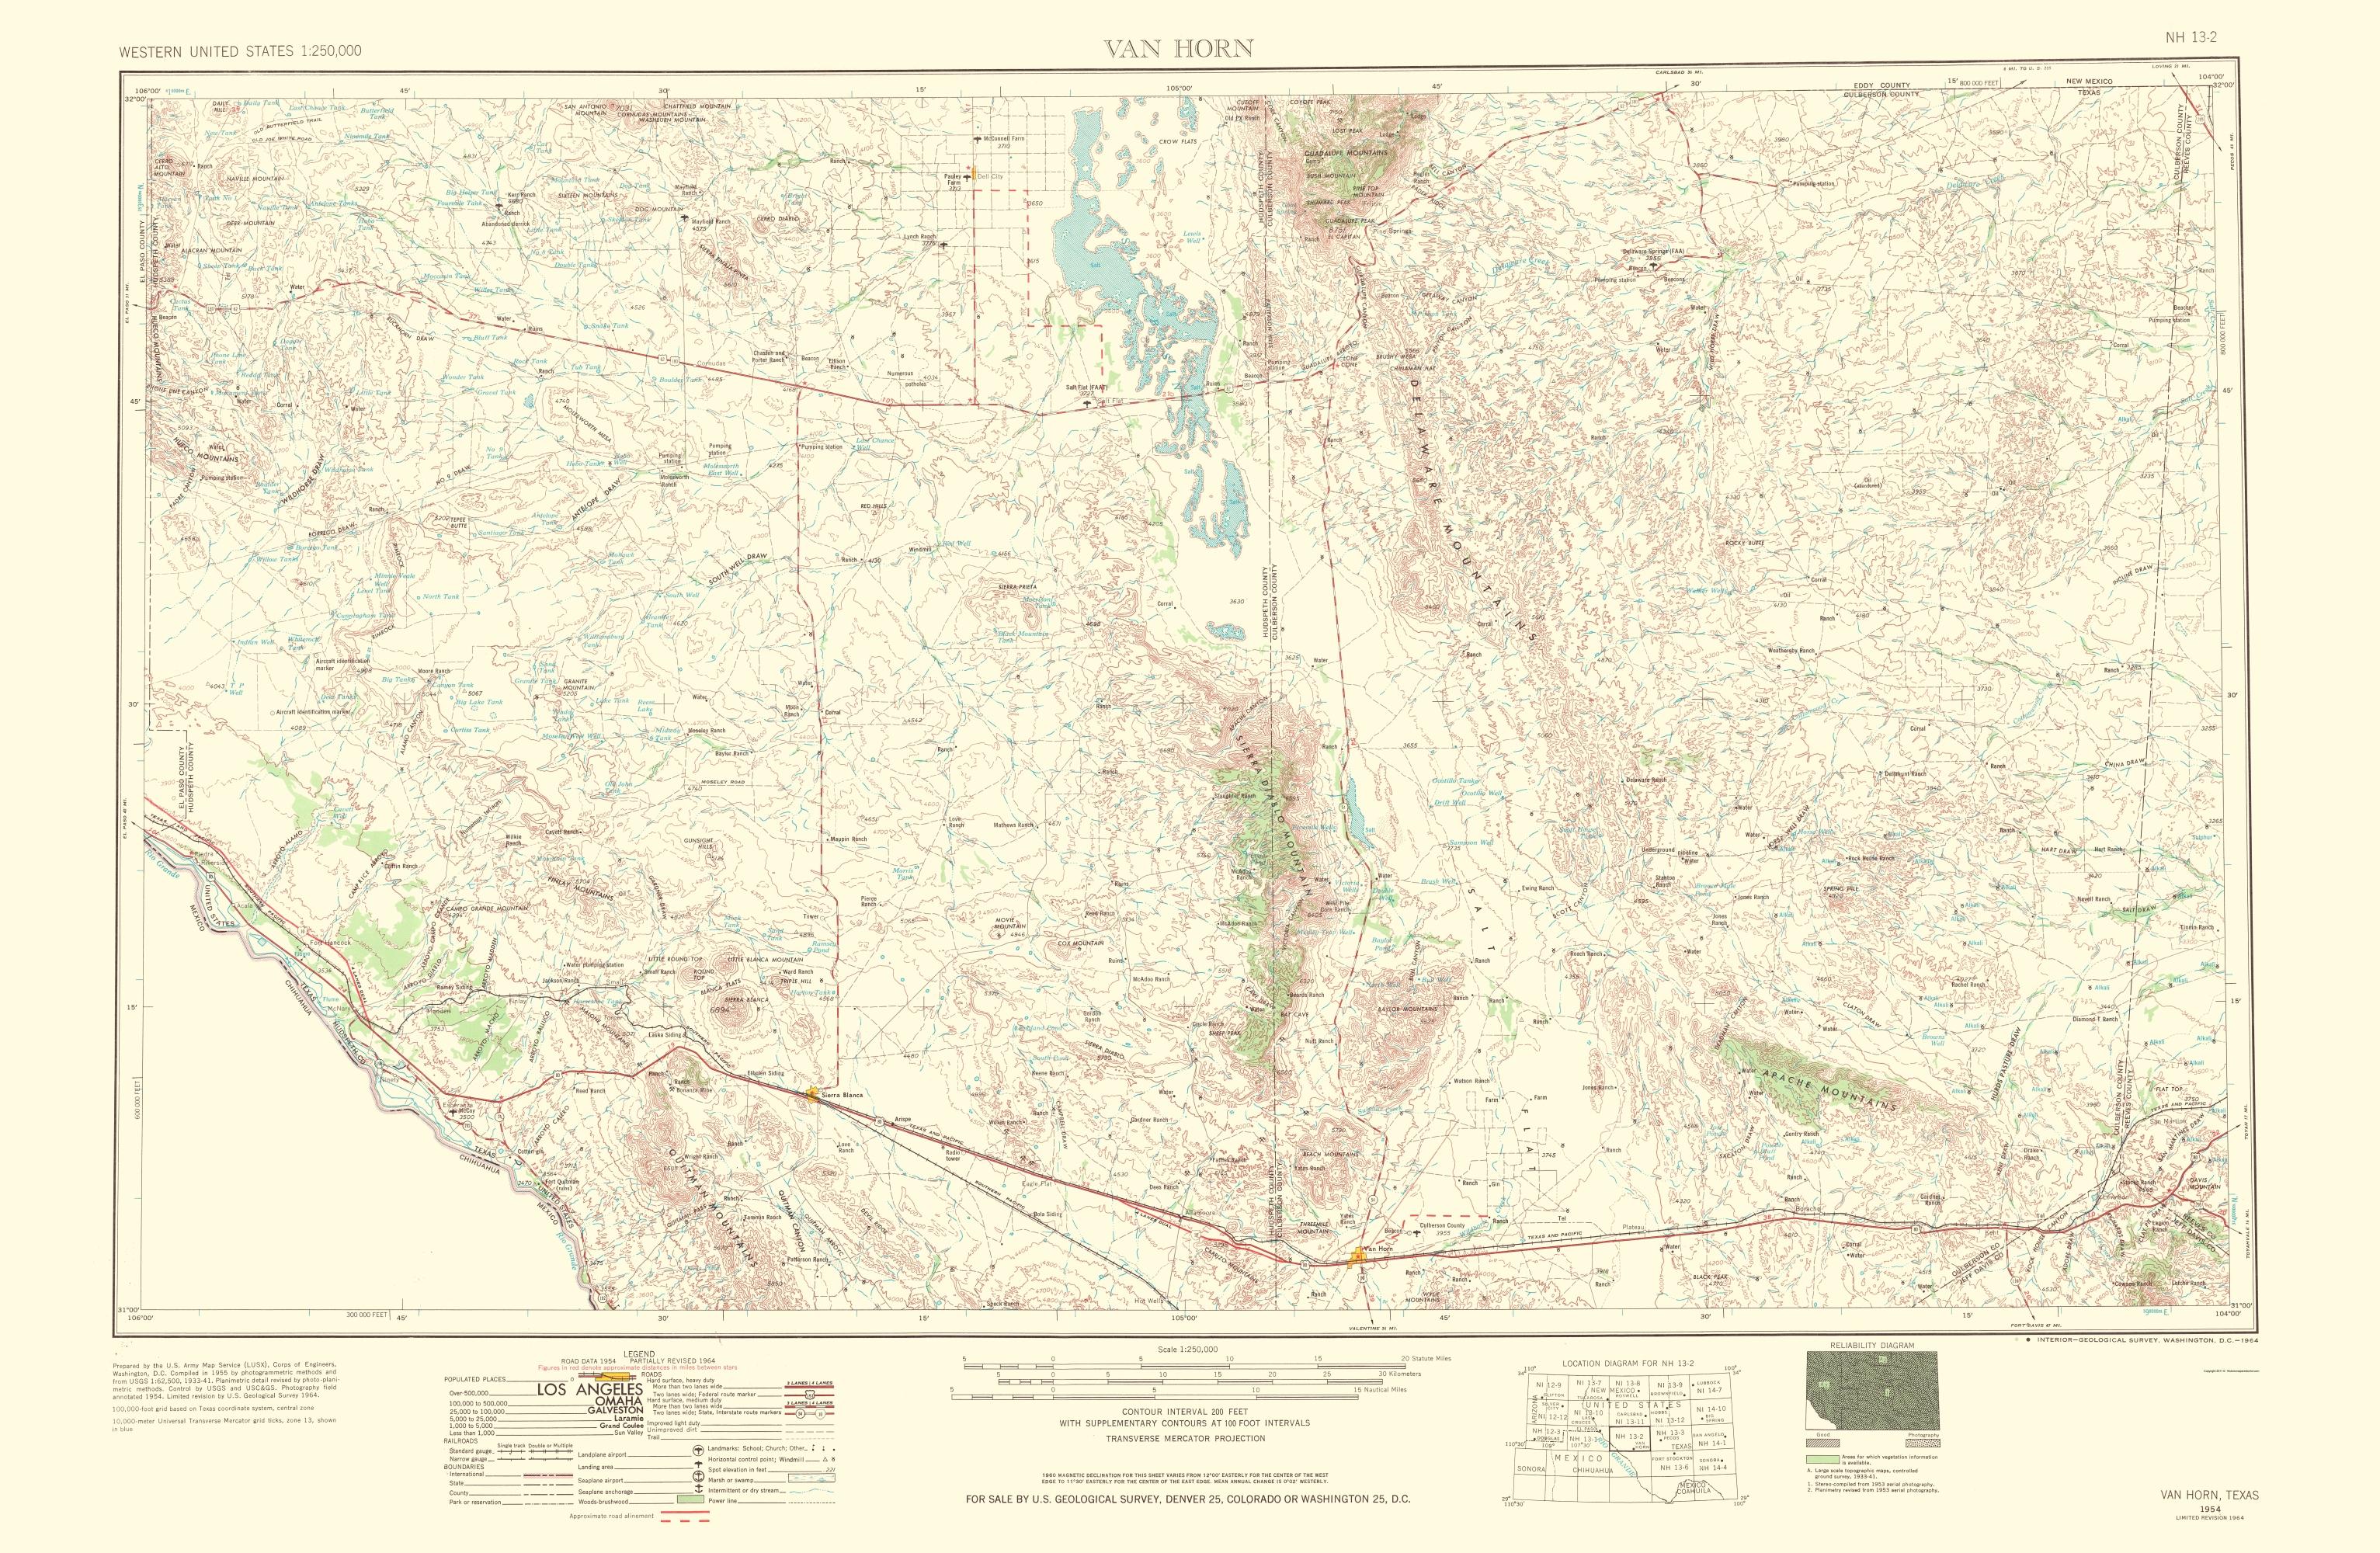 Old Topographical Map - Van Horn Texas 1954 - Van Horn Texas Map